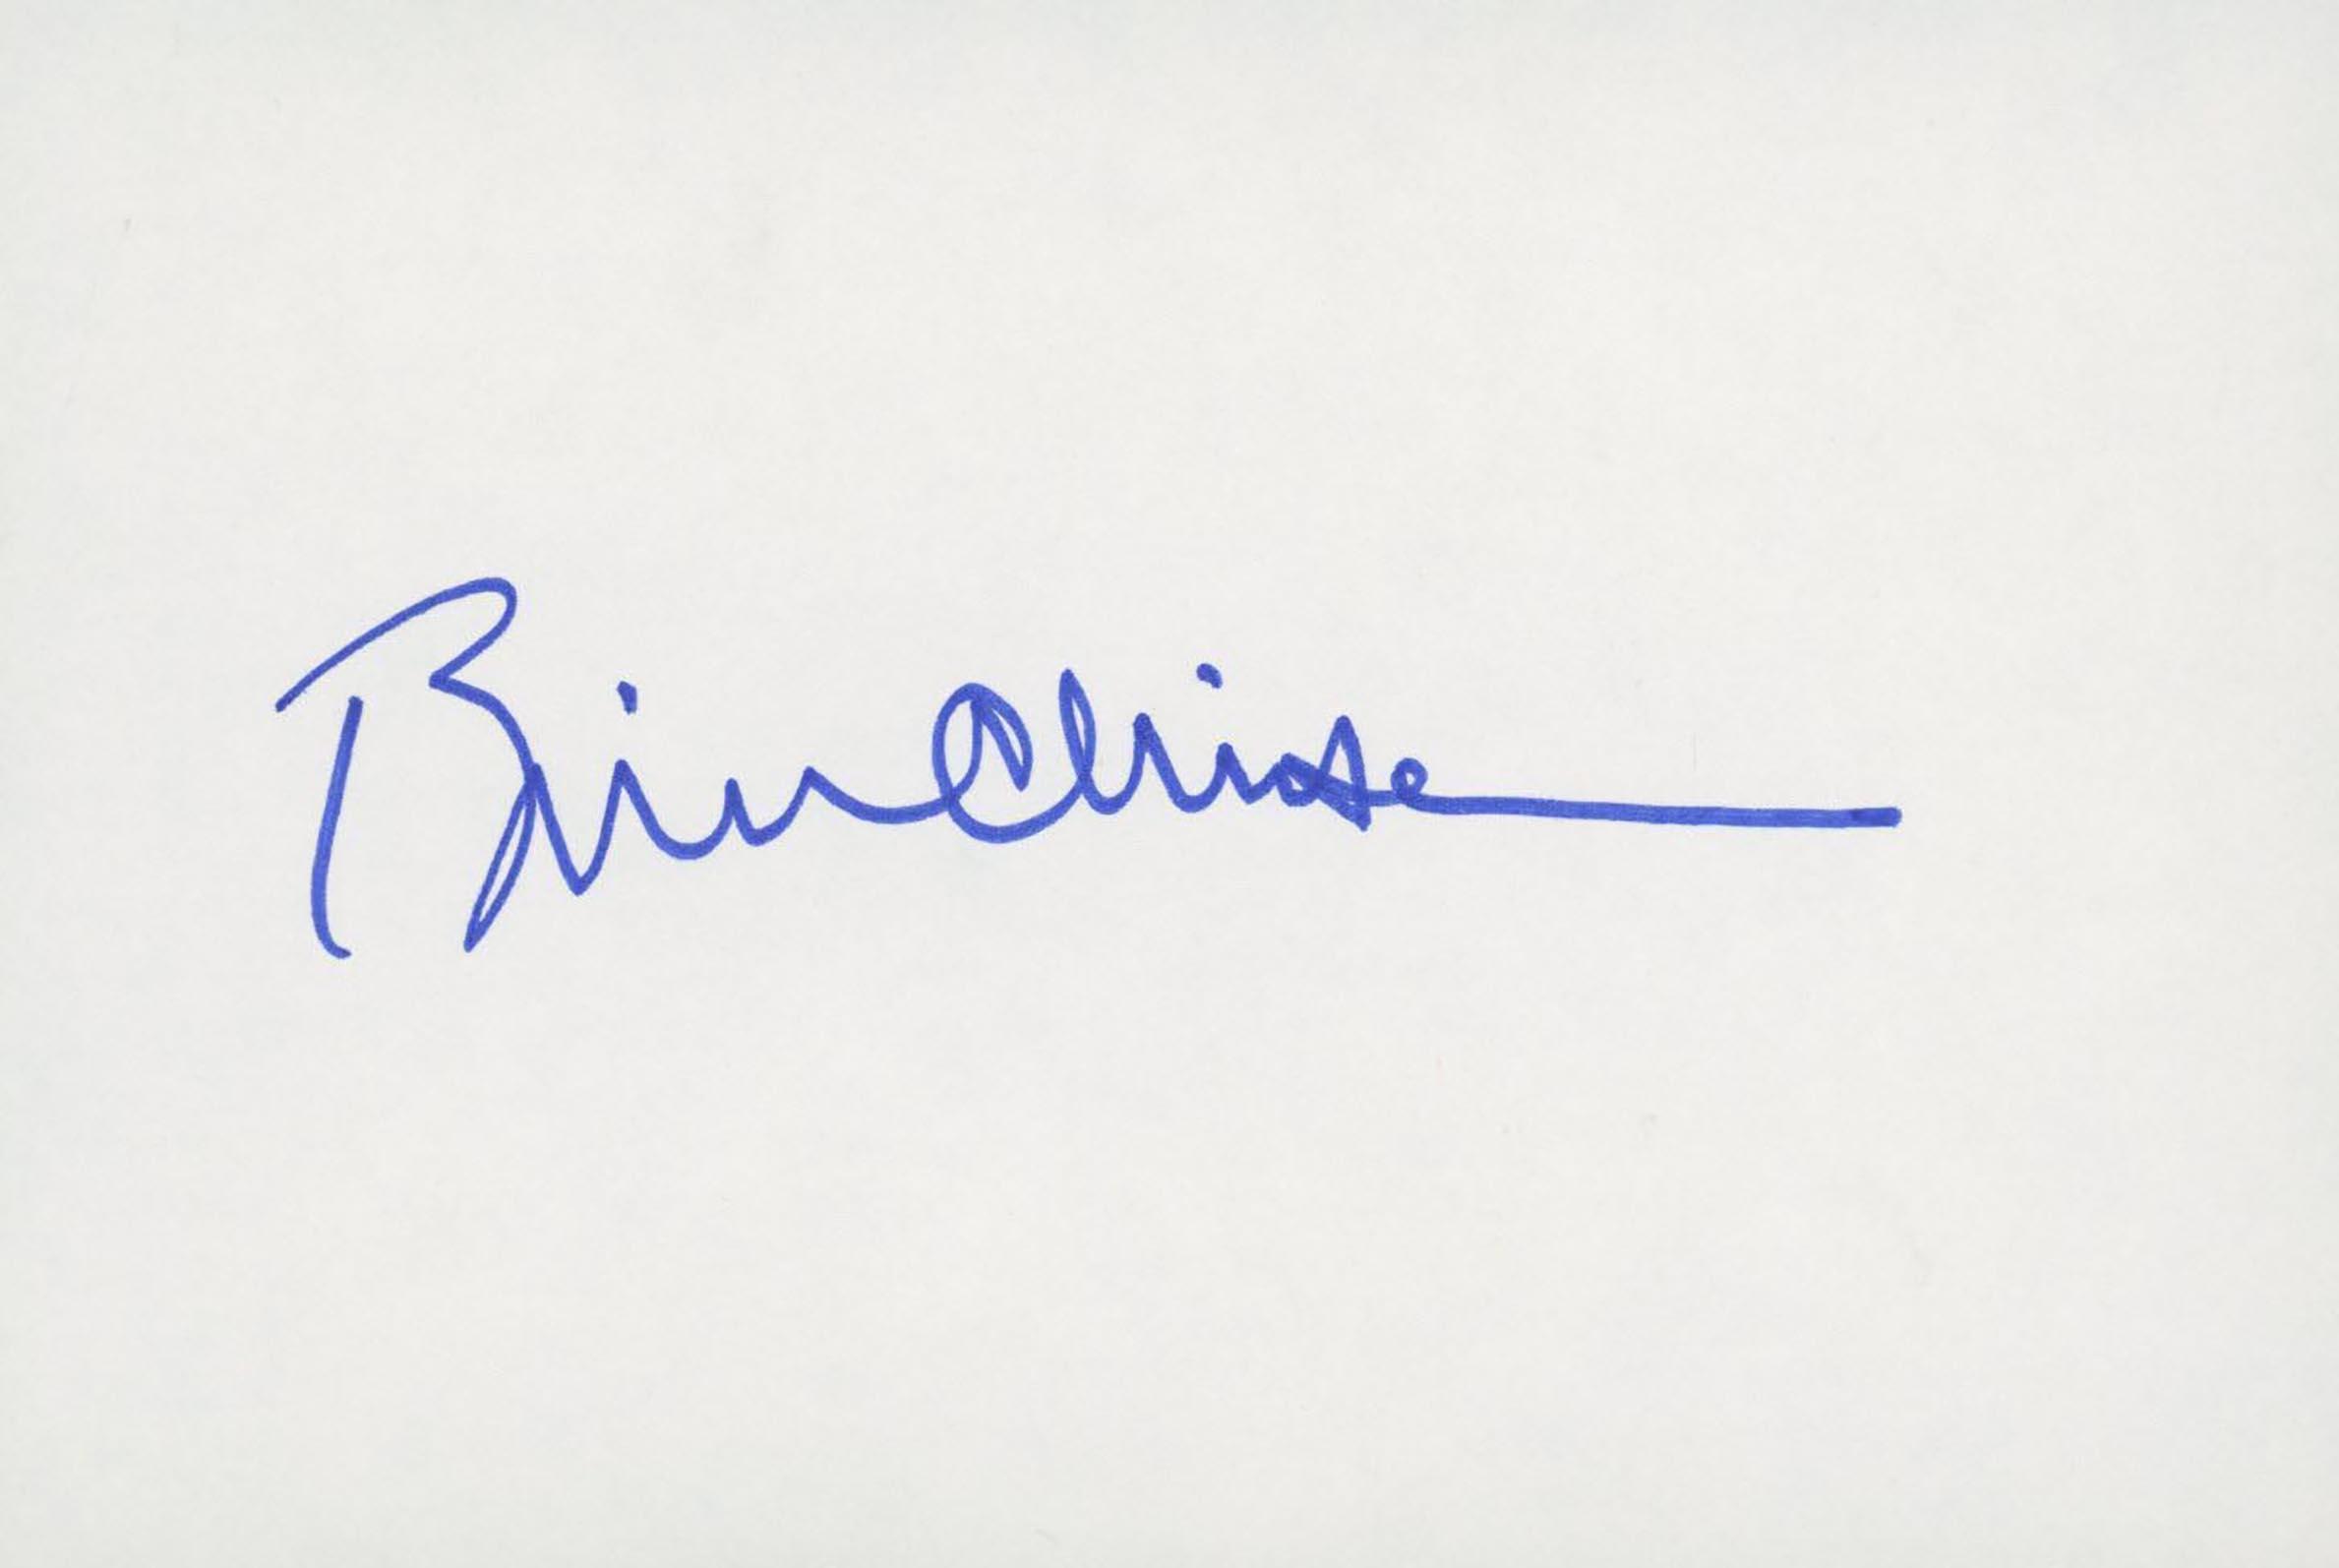 Bill Clinton signature cut